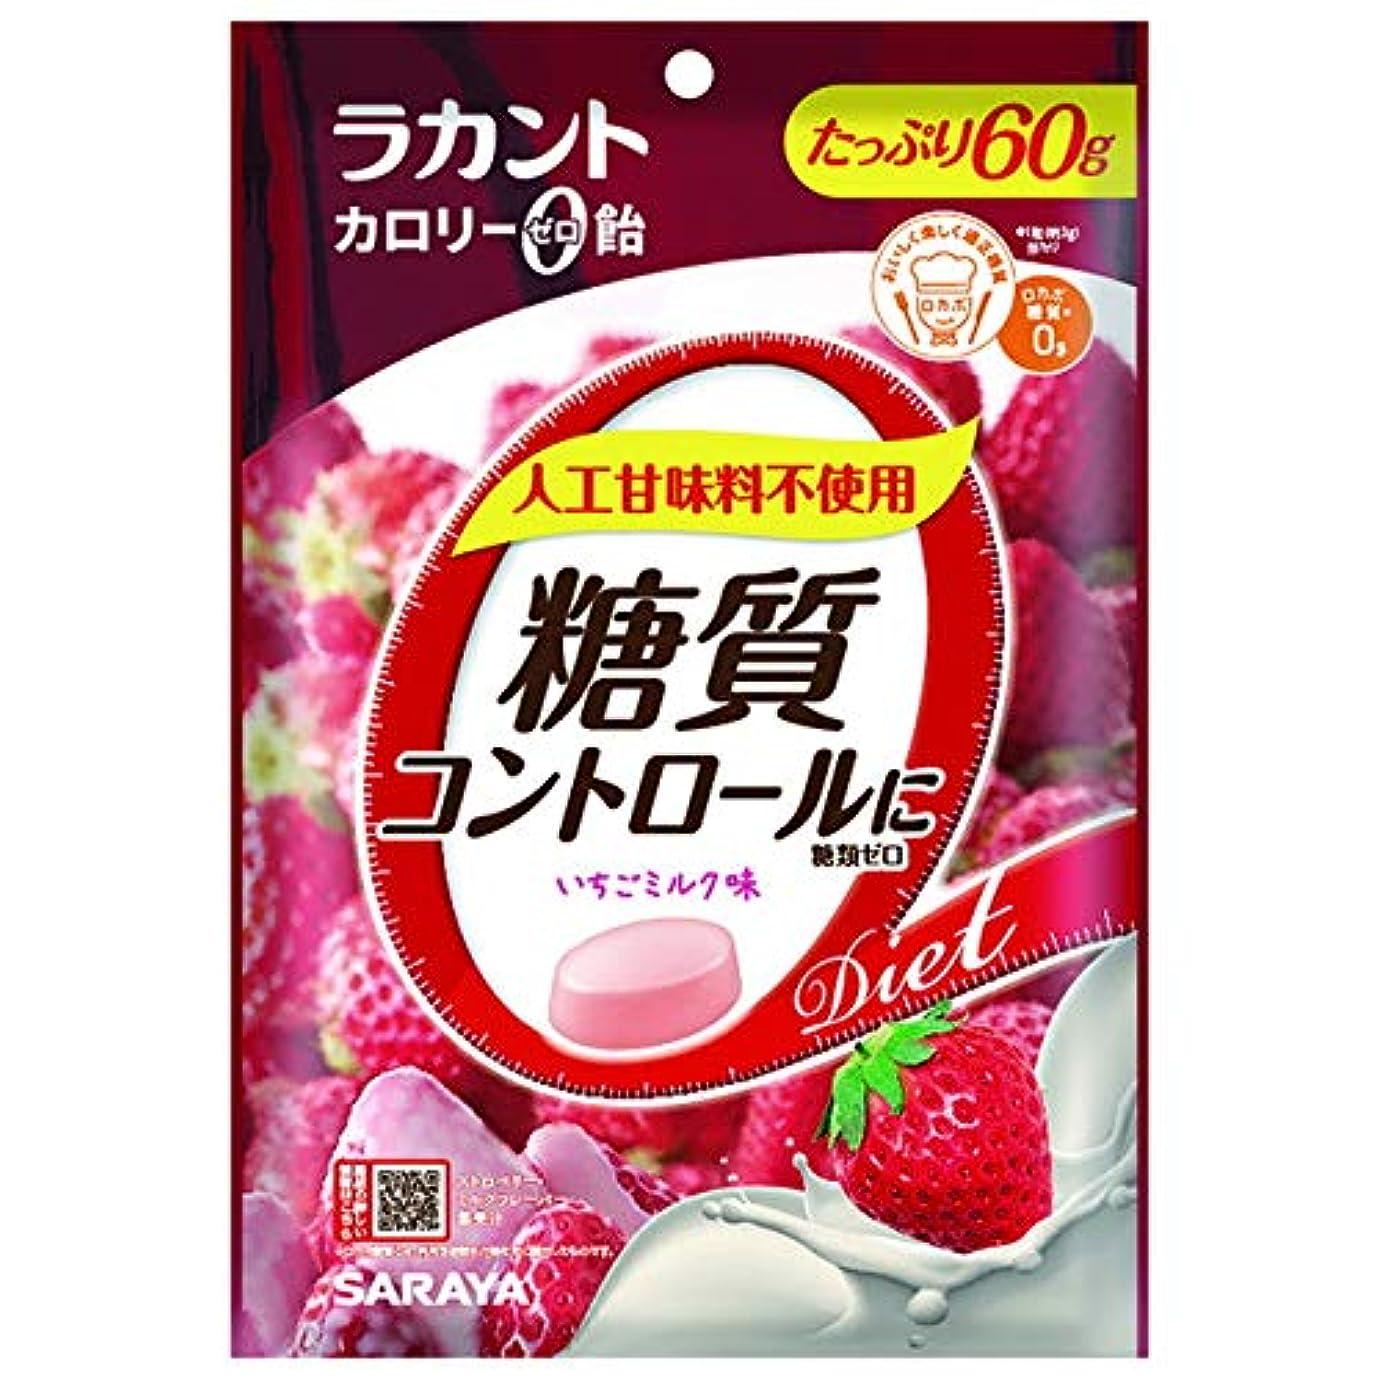 新しい意味フラフープアナログラカント カロリーゼロ飴 いちごミルク 60g【3個セット】